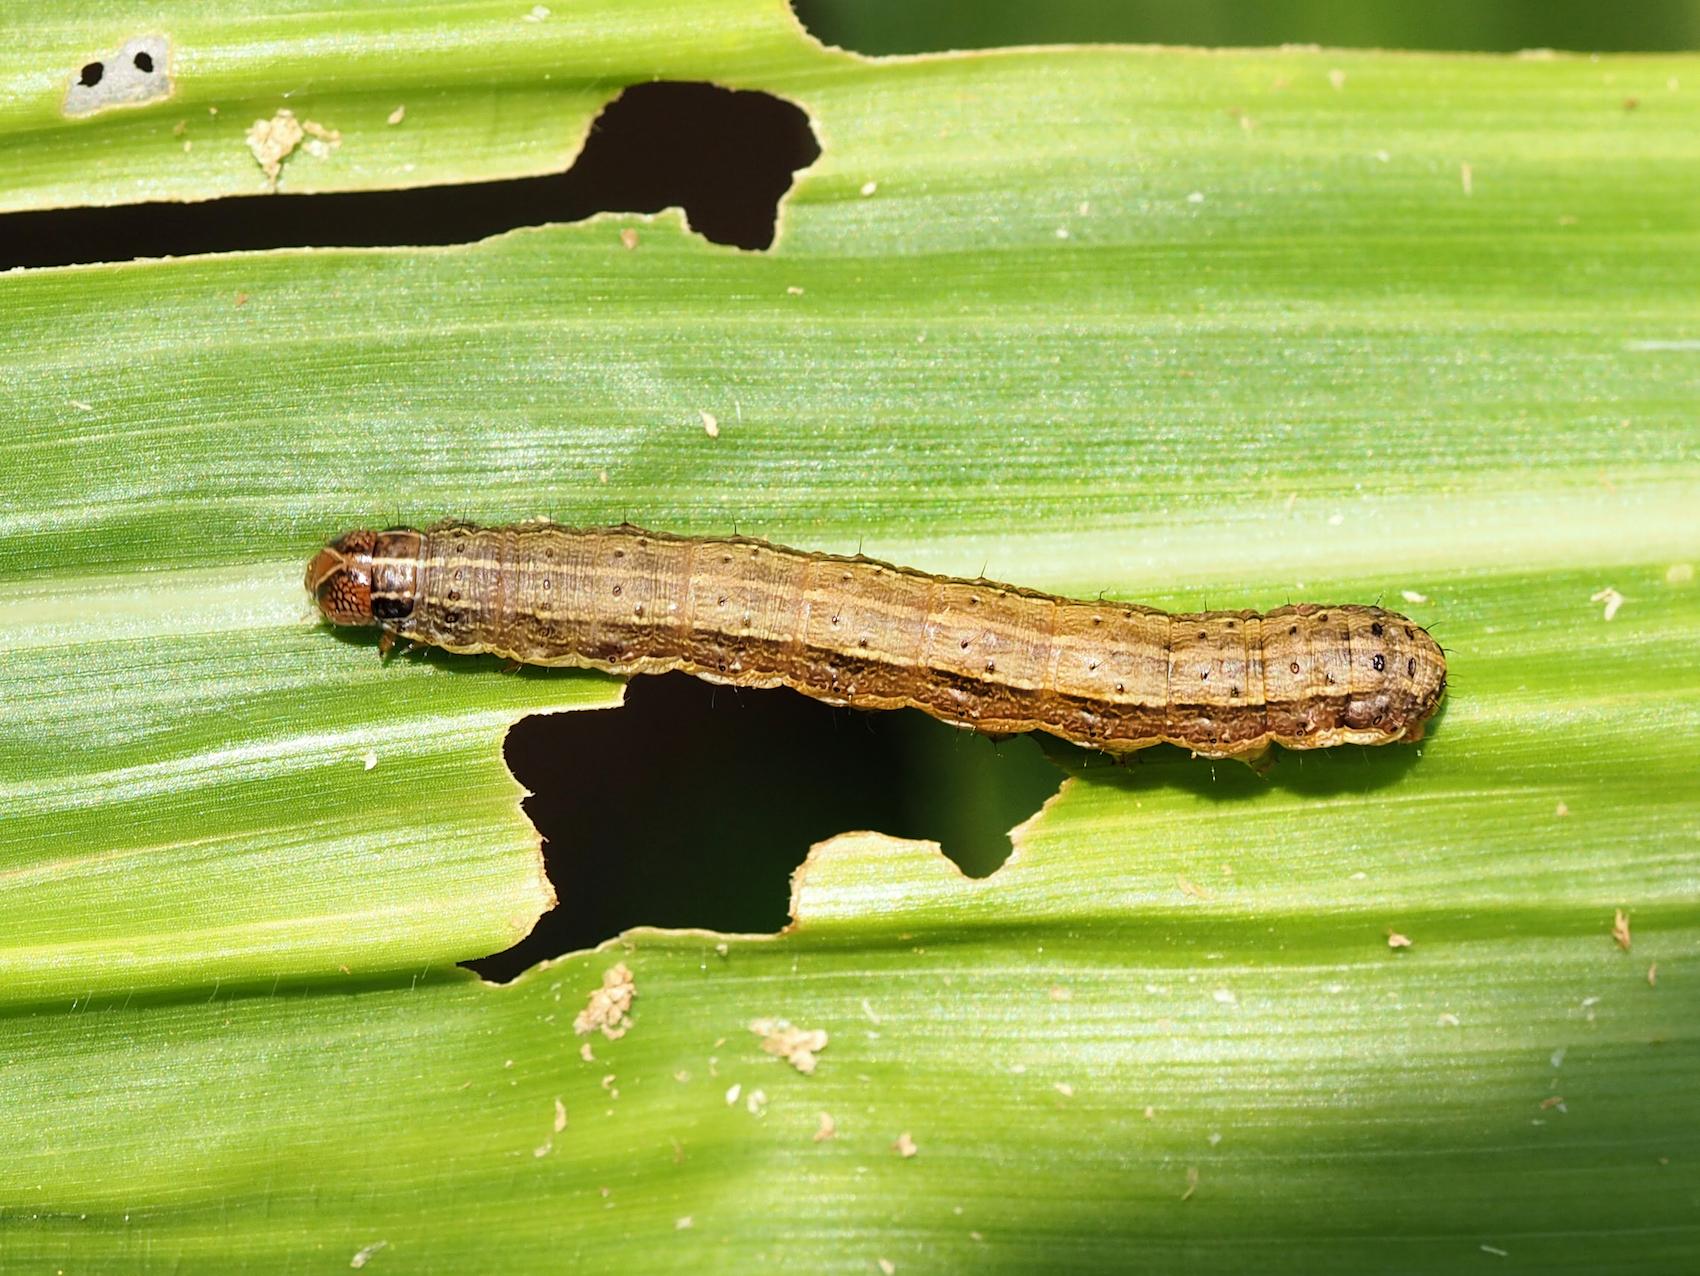 A fall armyworm on a damaged leaf in Nigeria, 2017. (Photo: G. Goergen/IITA)